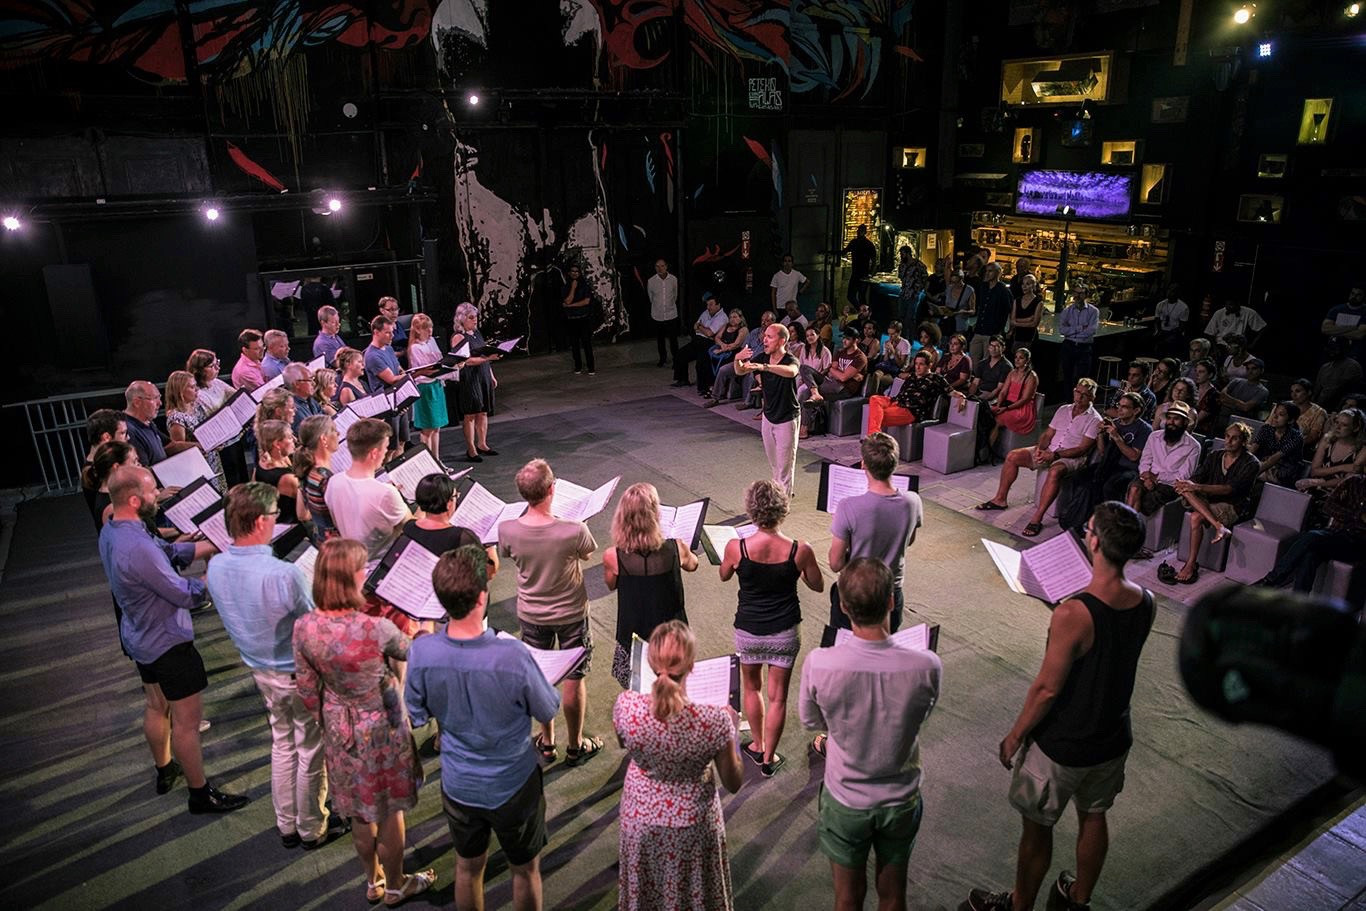 Flashmob-konsert i La Fábrica de arte Cubano, Kuba